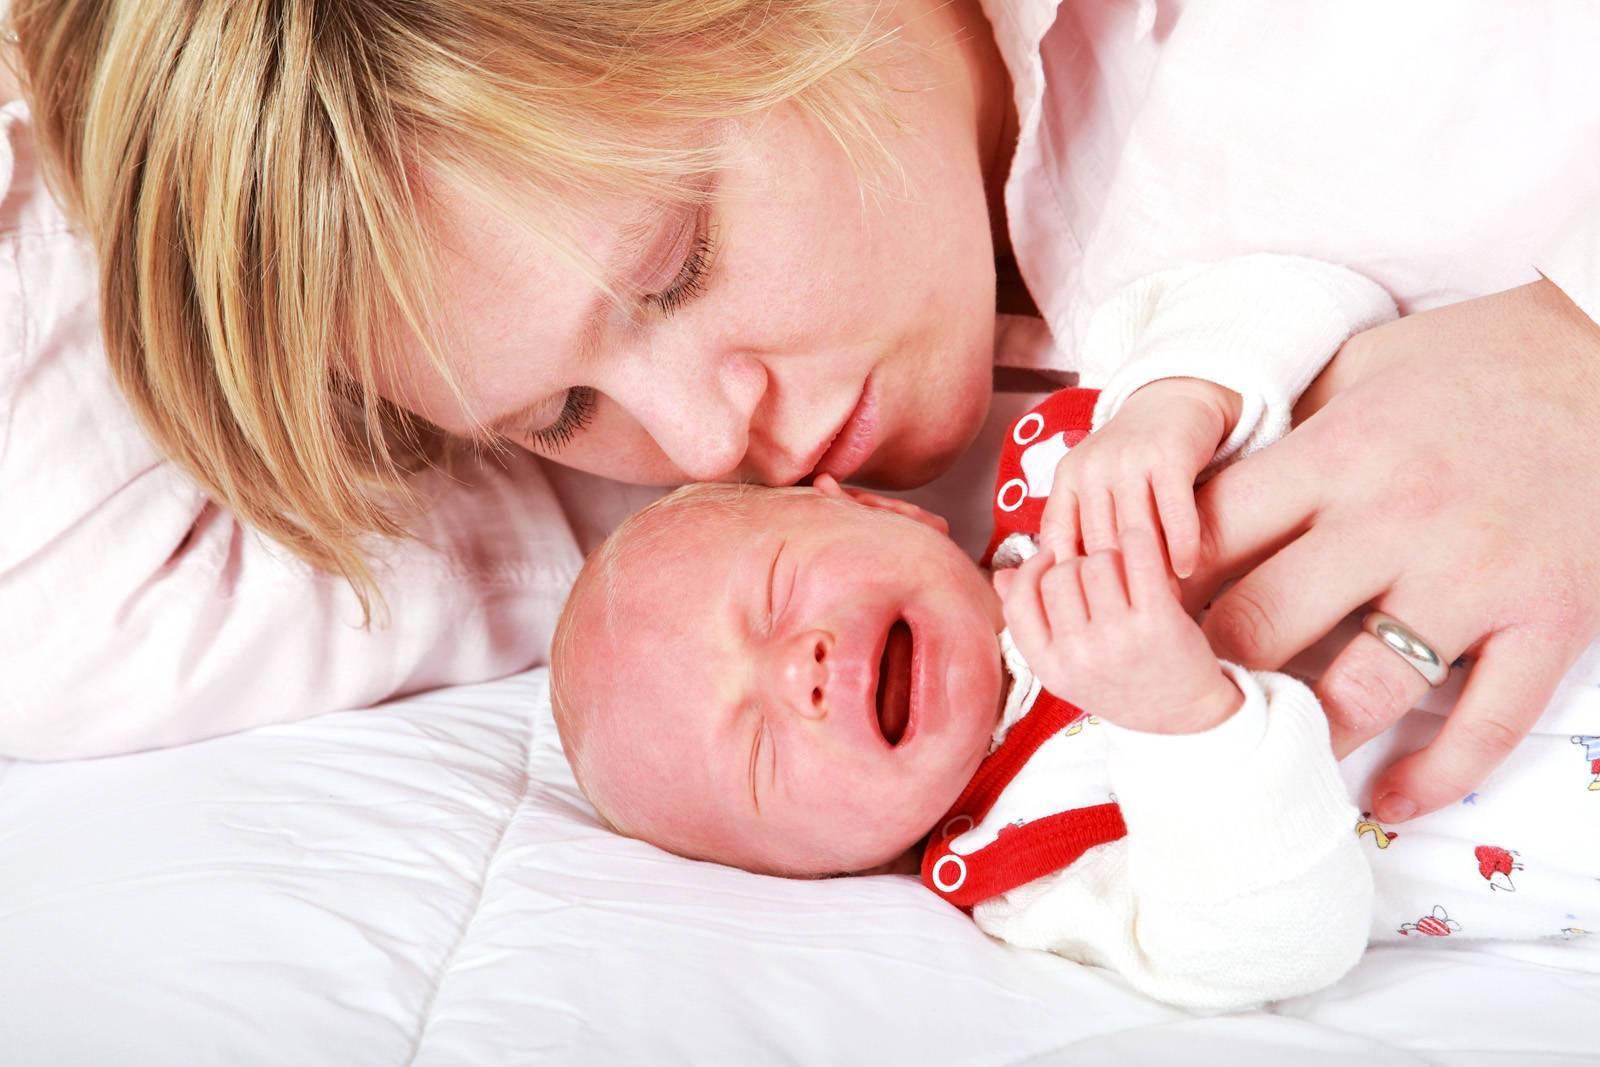 Как успокоить новорожденного ребенка за 5 минут: быстрые и эффективные методики